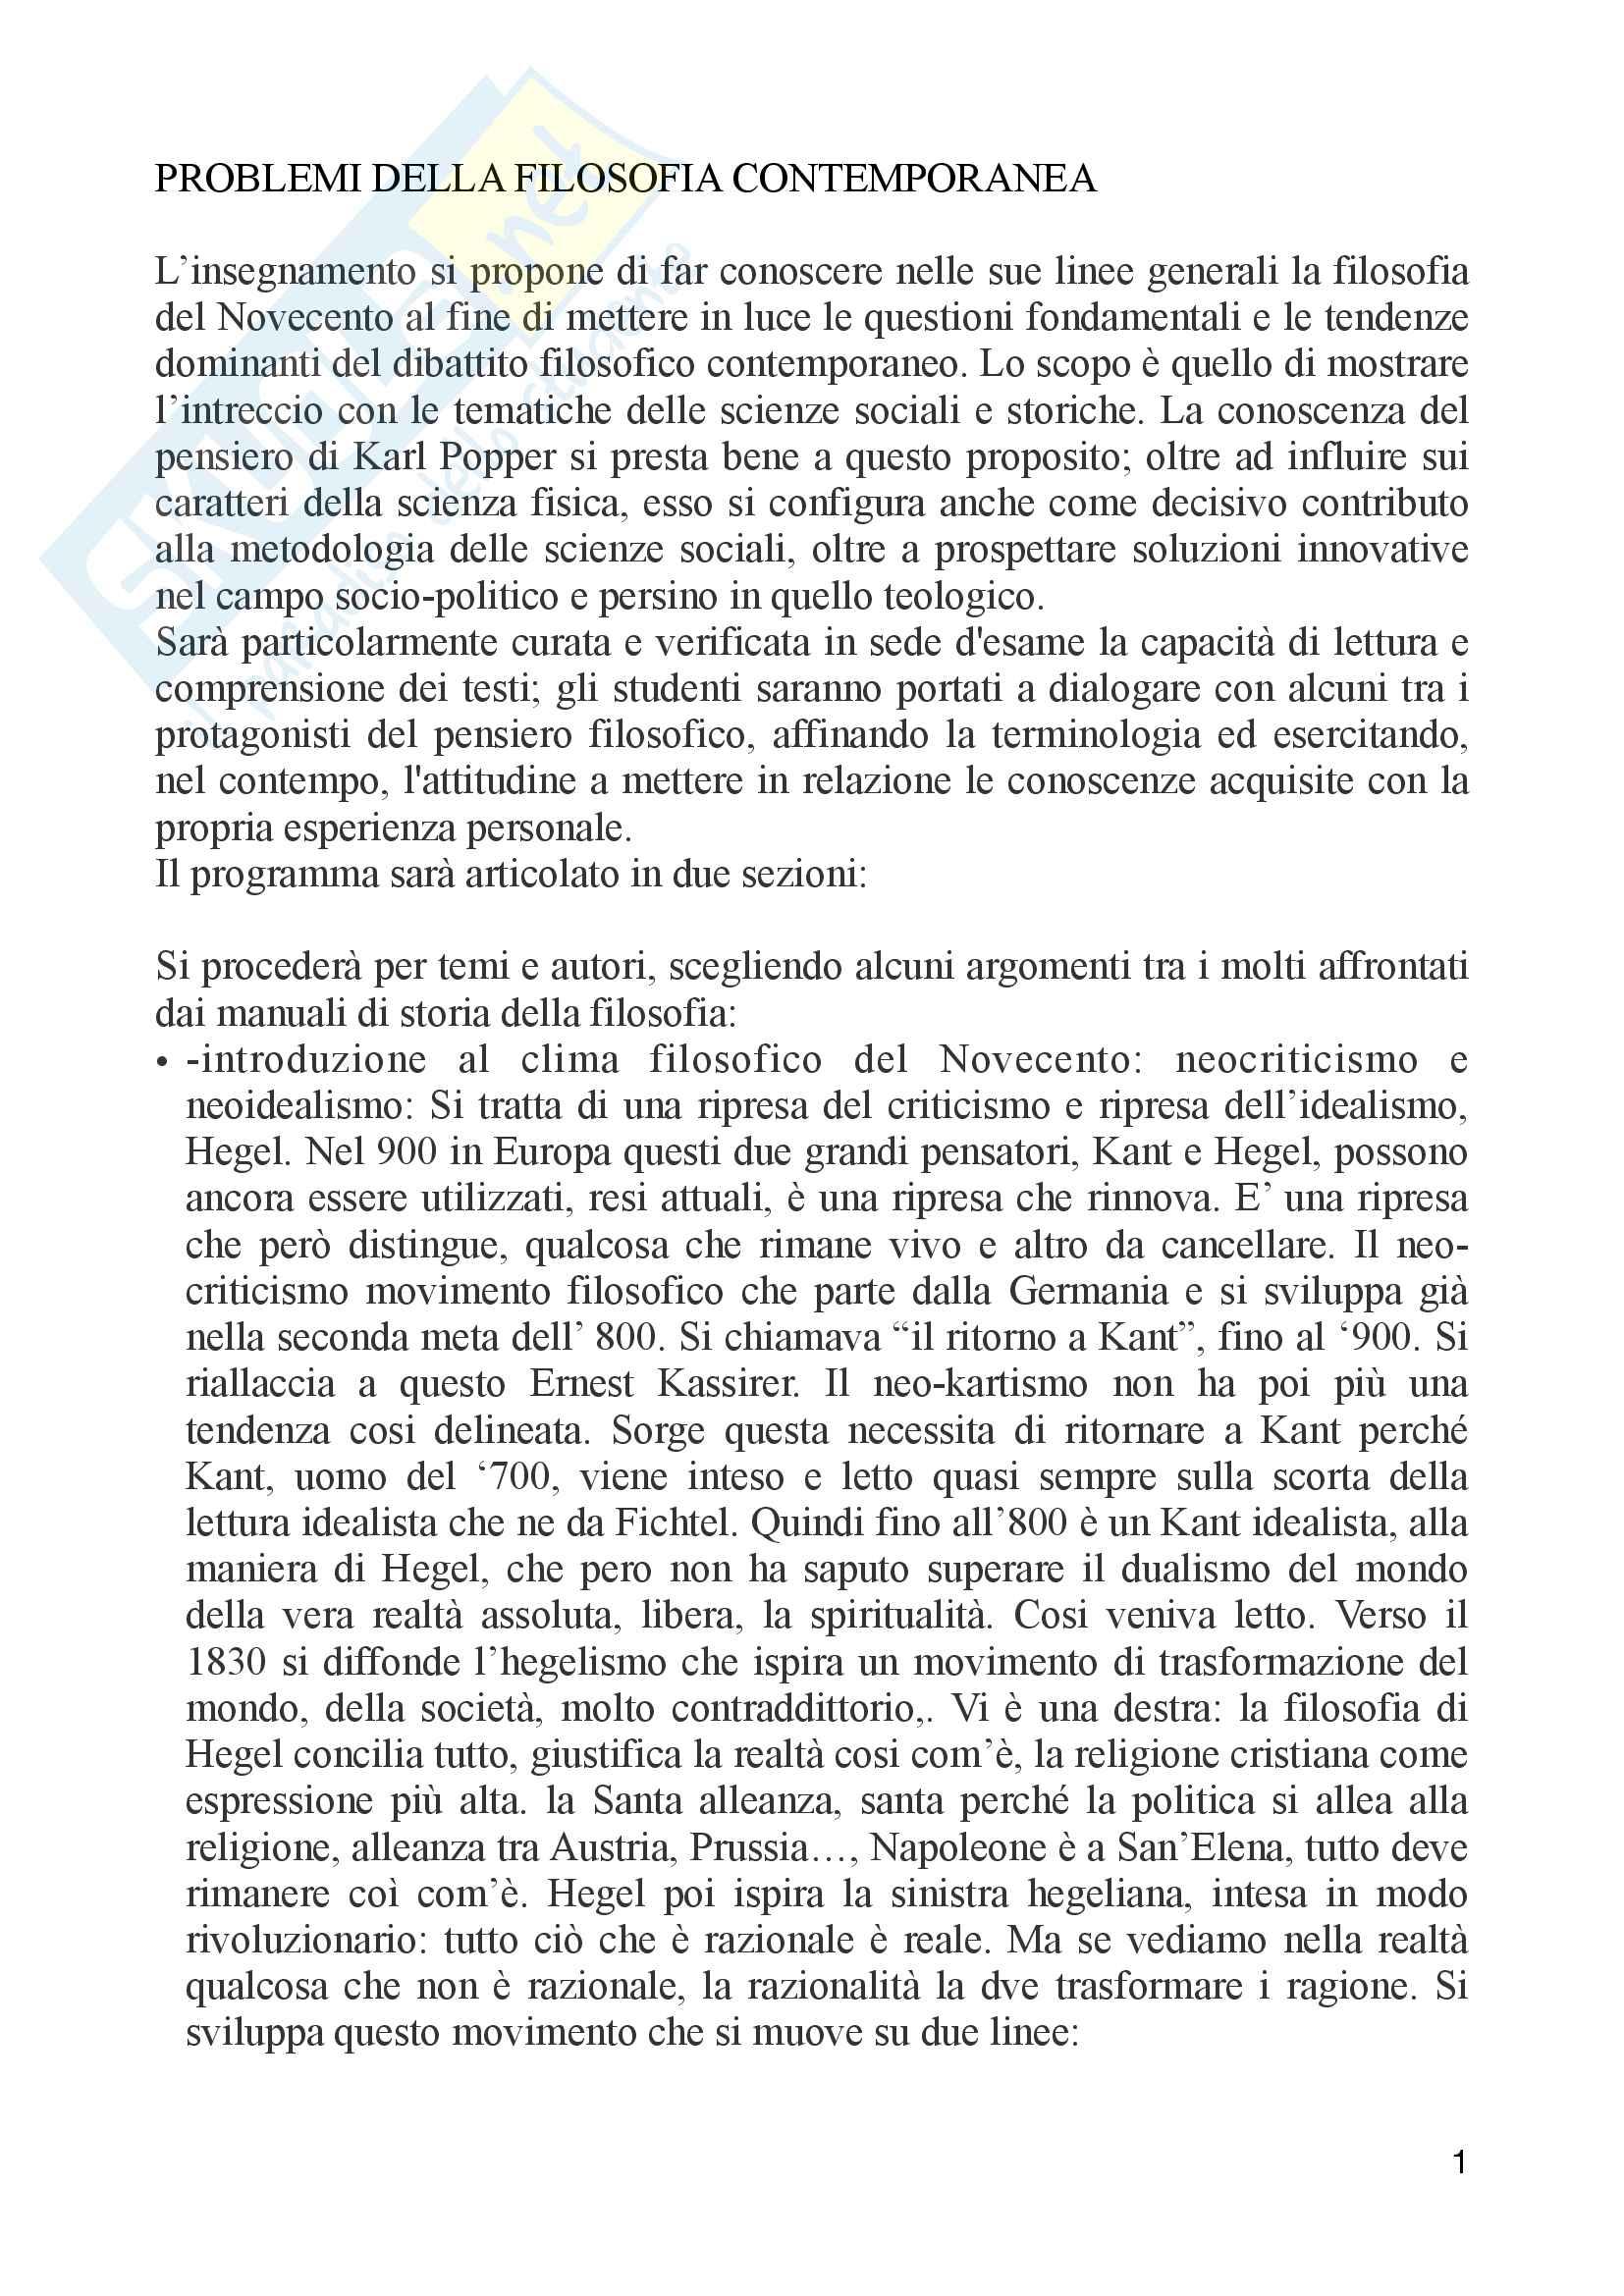 Riassunto esame Problemi della filosofia contemporanea, docente Longo, libro consigliato Logica della ricerca e società aperta, Popper